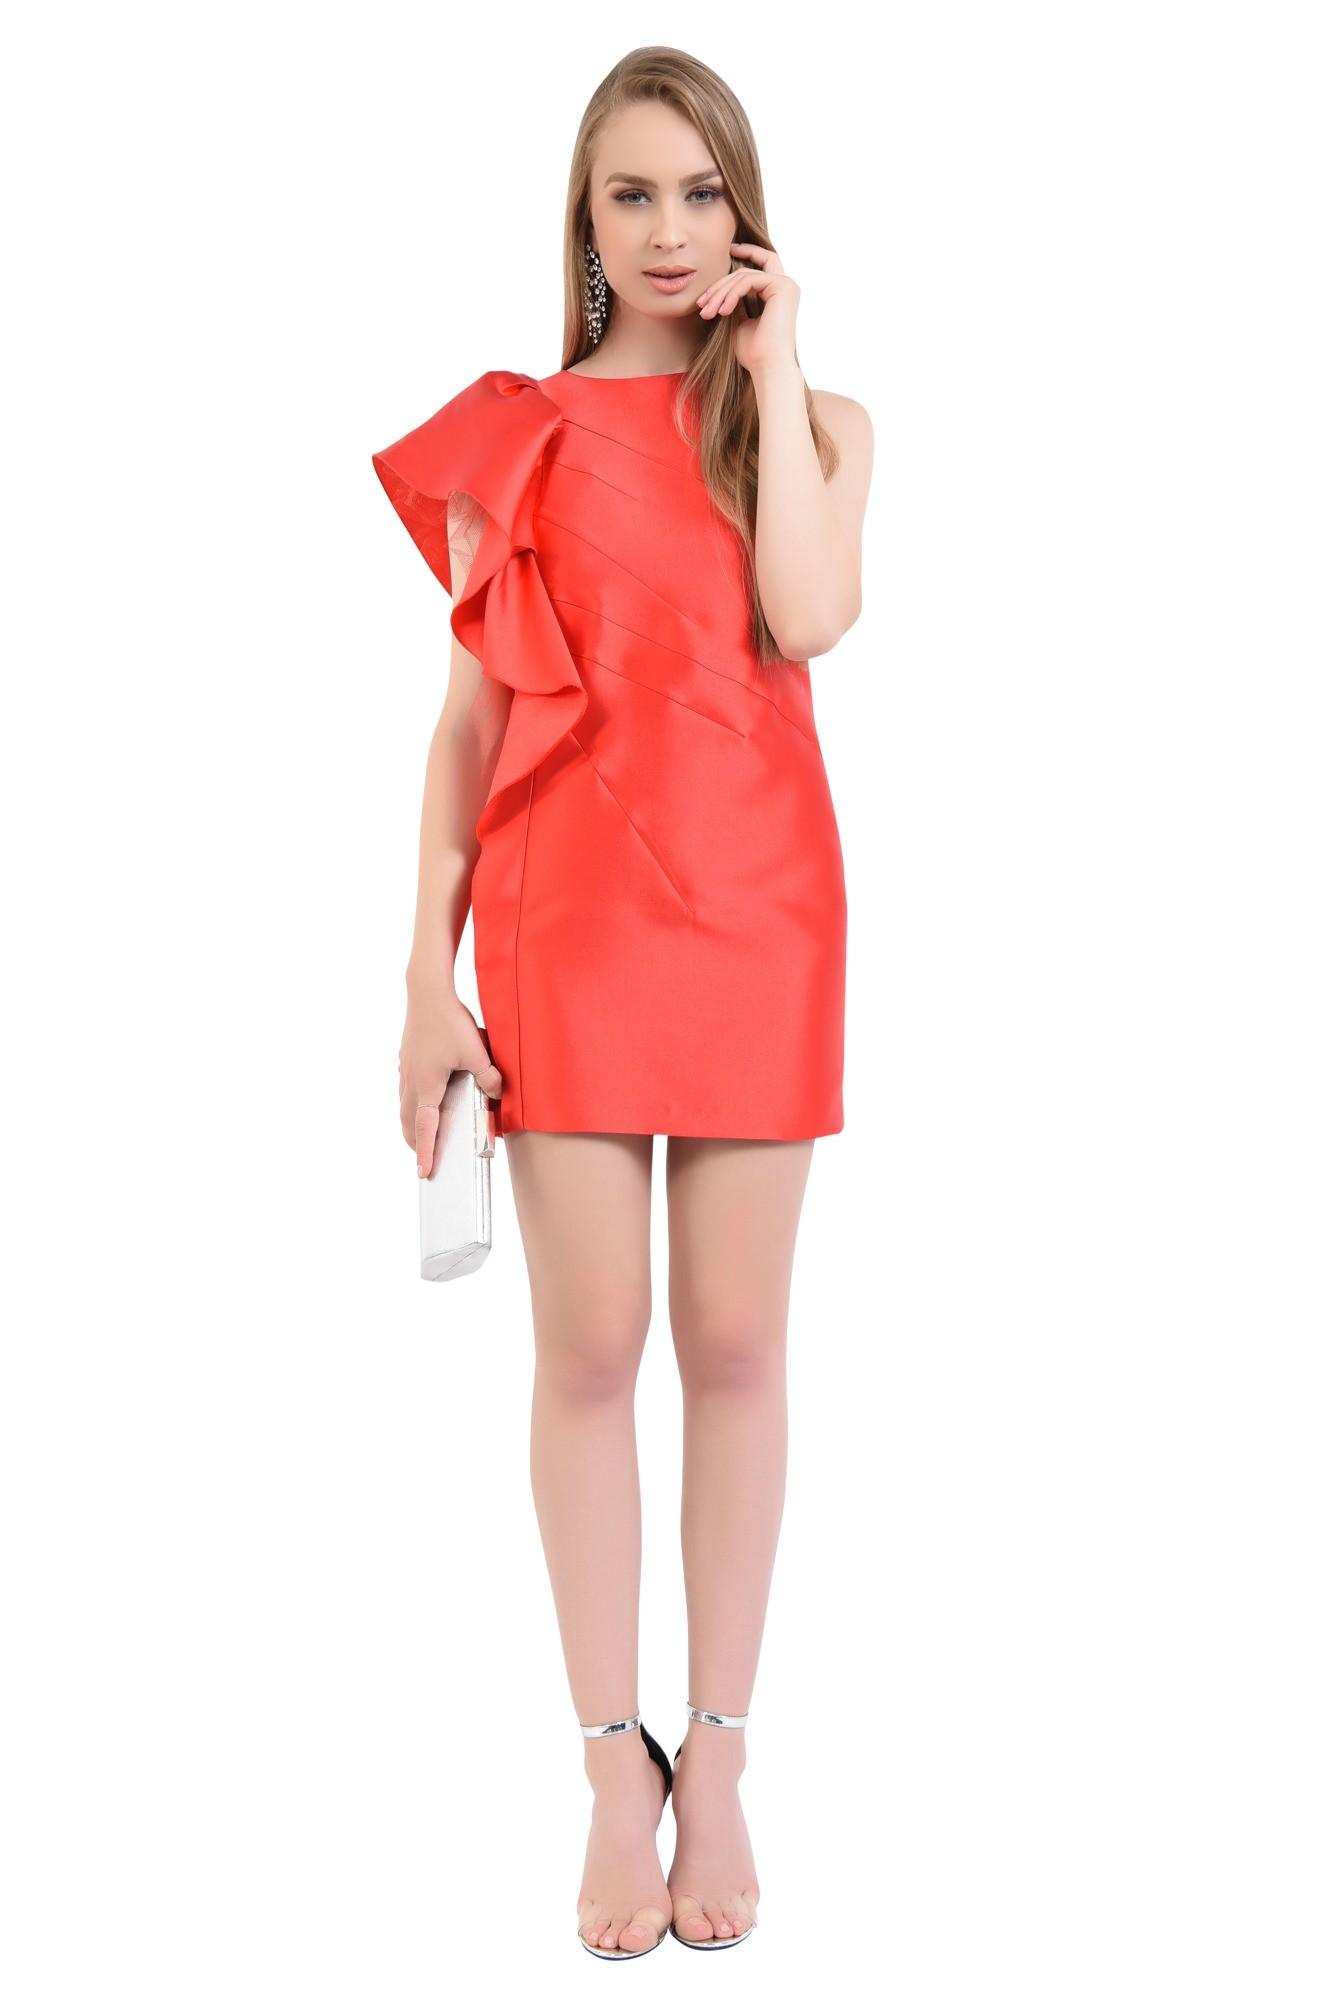 3 - 360 - rochie scurta de seara, decolteu rotund, tafta rosie